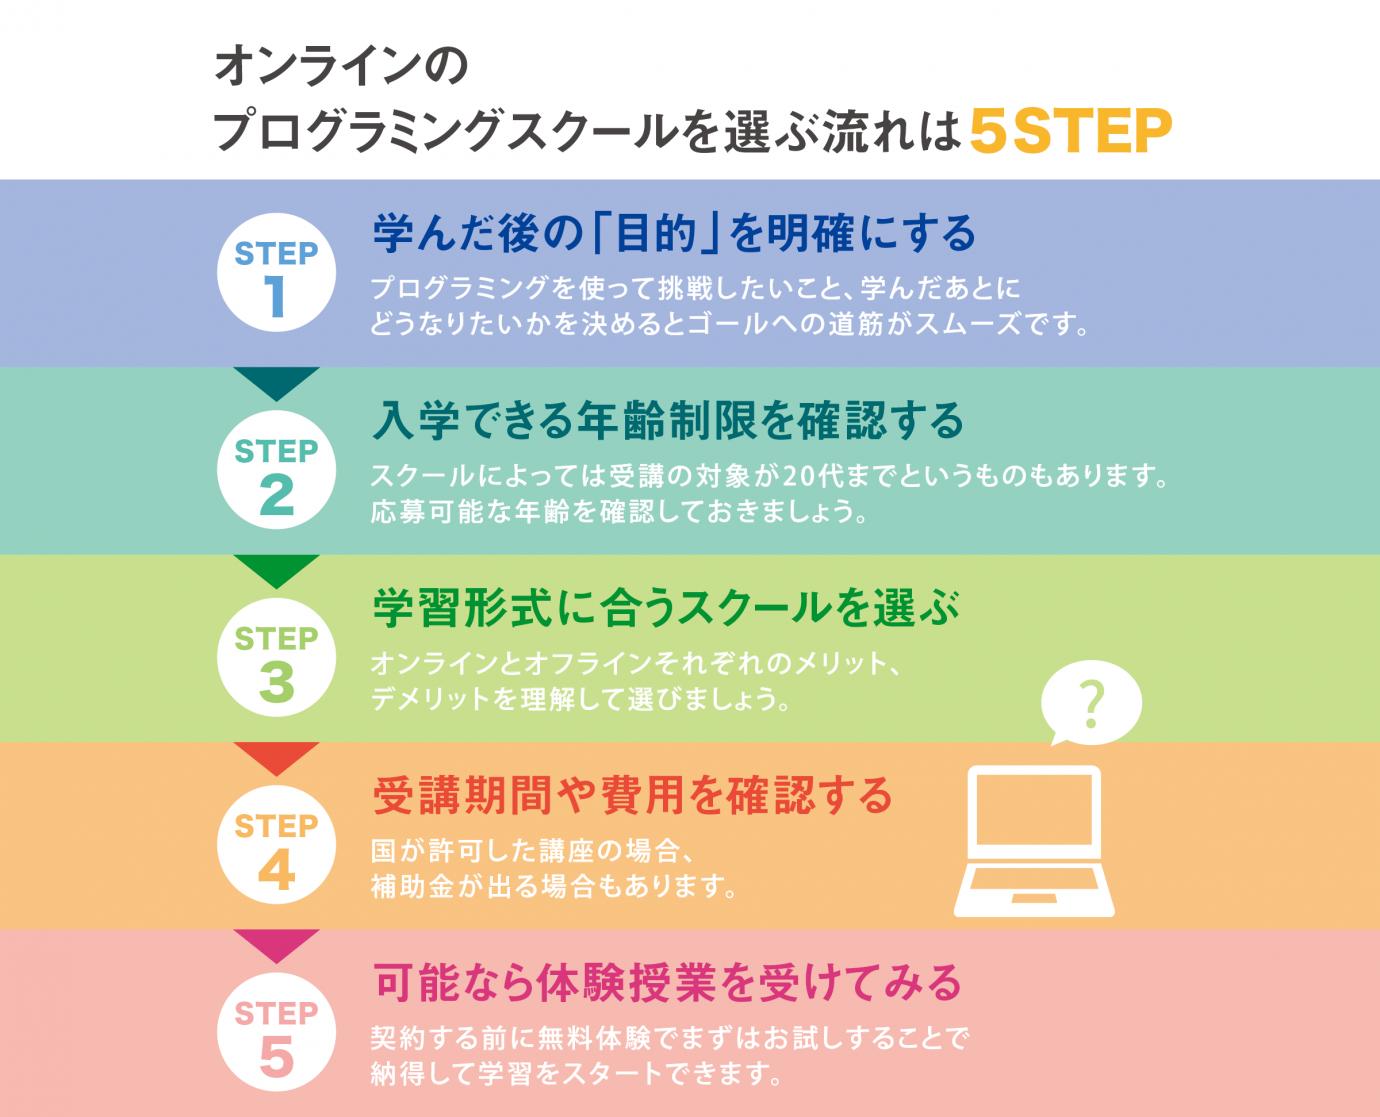 オンラインのプログラミングスクールを選ぶ流れは5STEP